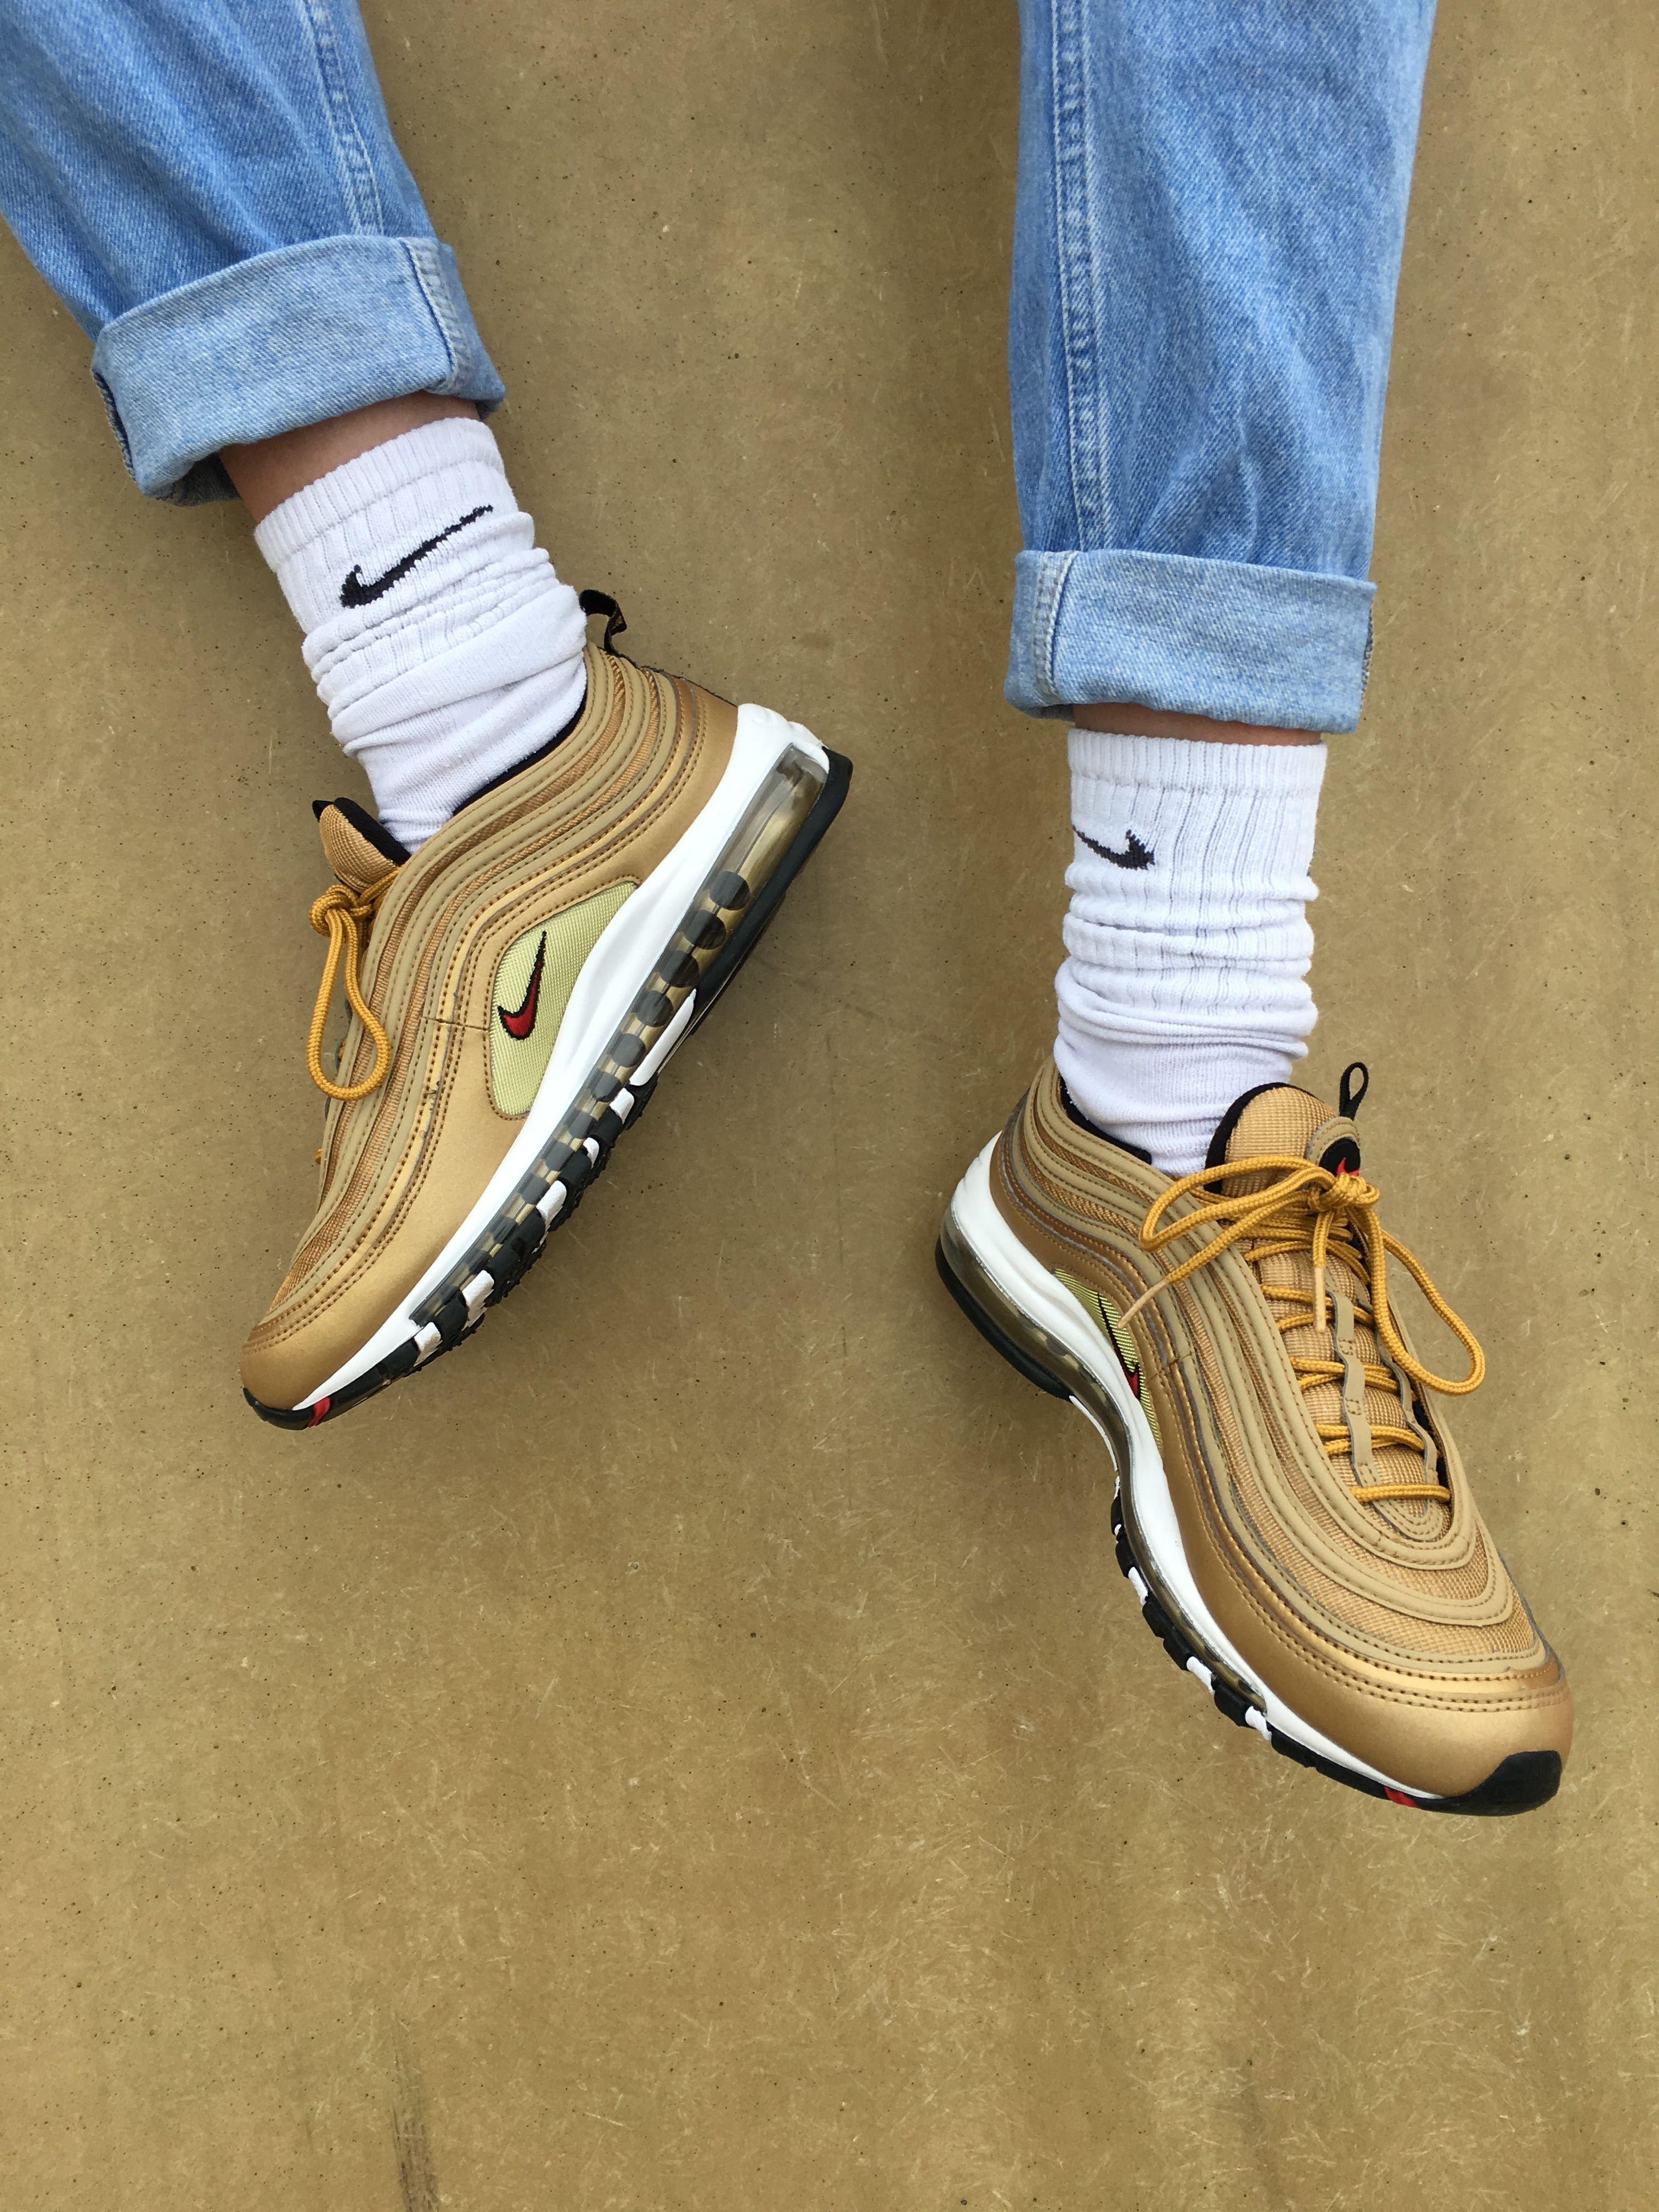 Nike Socks   Socks and sandals, Nike